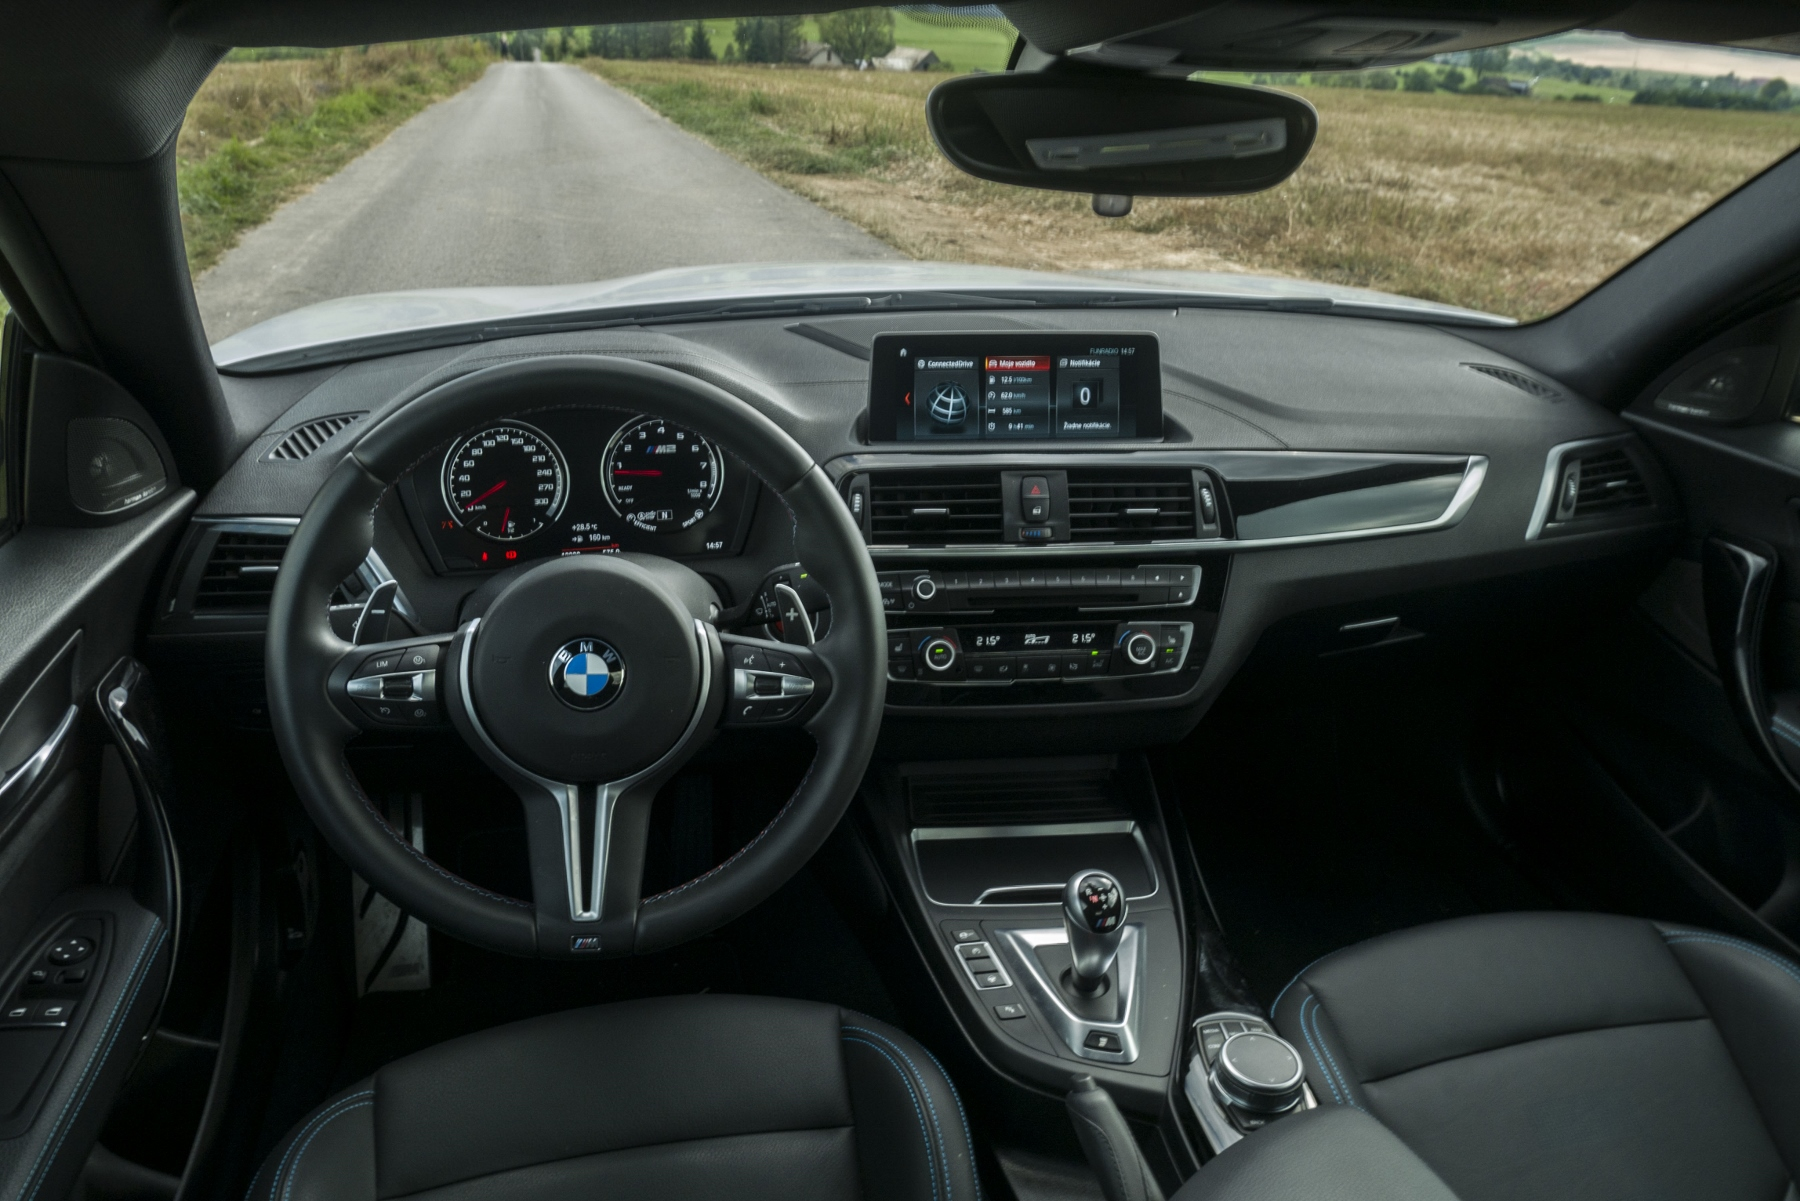 Test: BMW M2 Competition je nálož plná zábavy gRCMRdJCe1 bmw-m2-19